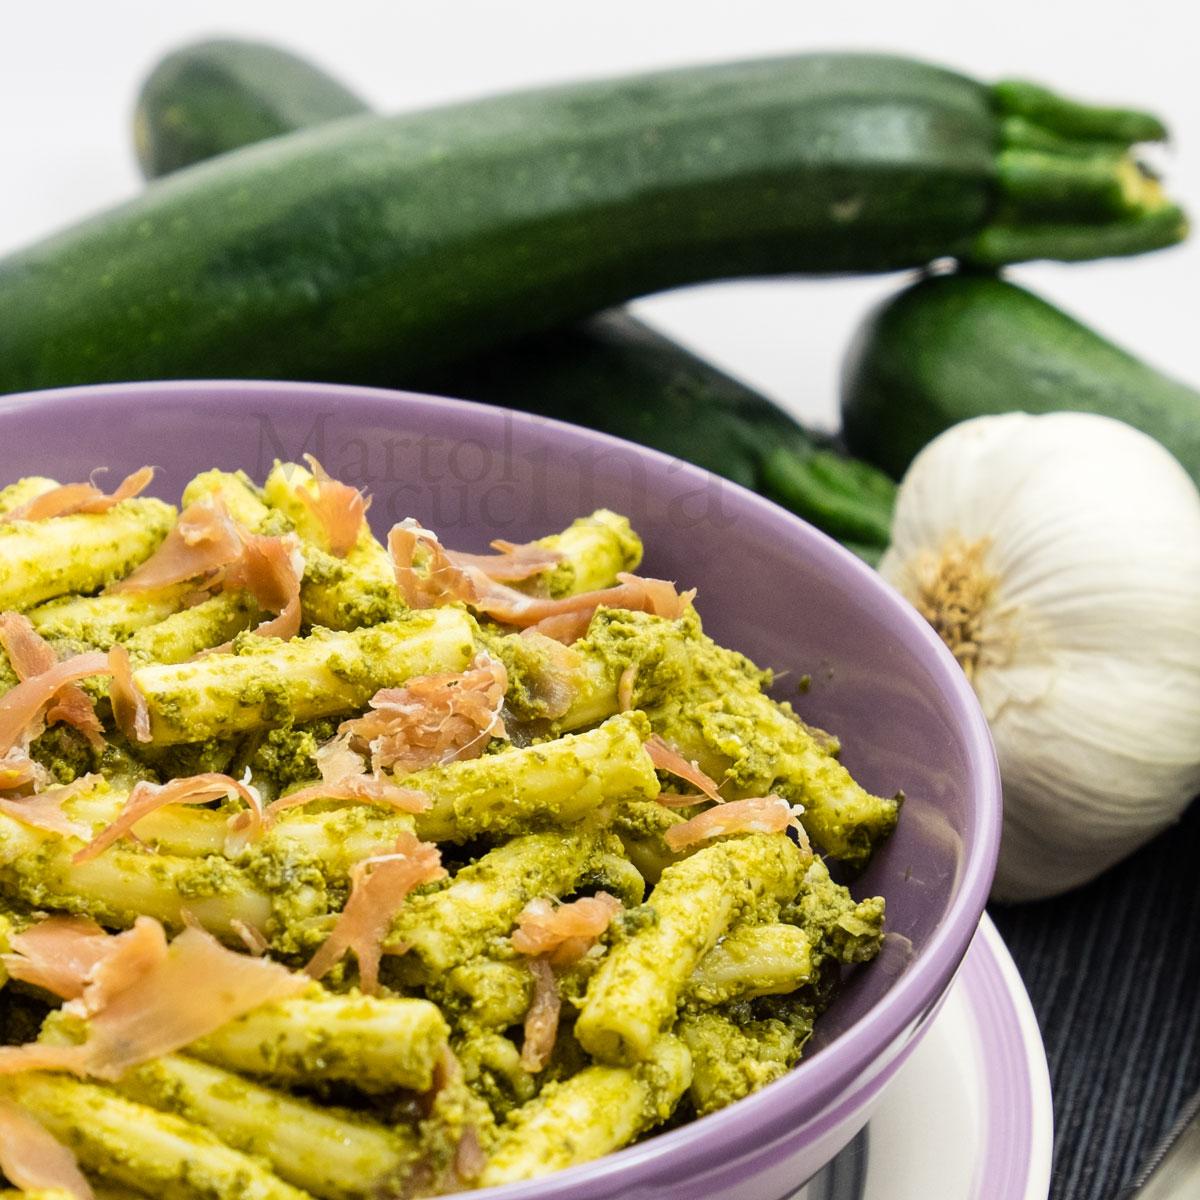 Pasta-al-pesto-di-zucchine-prosciutto-crudo-A-1200x1200